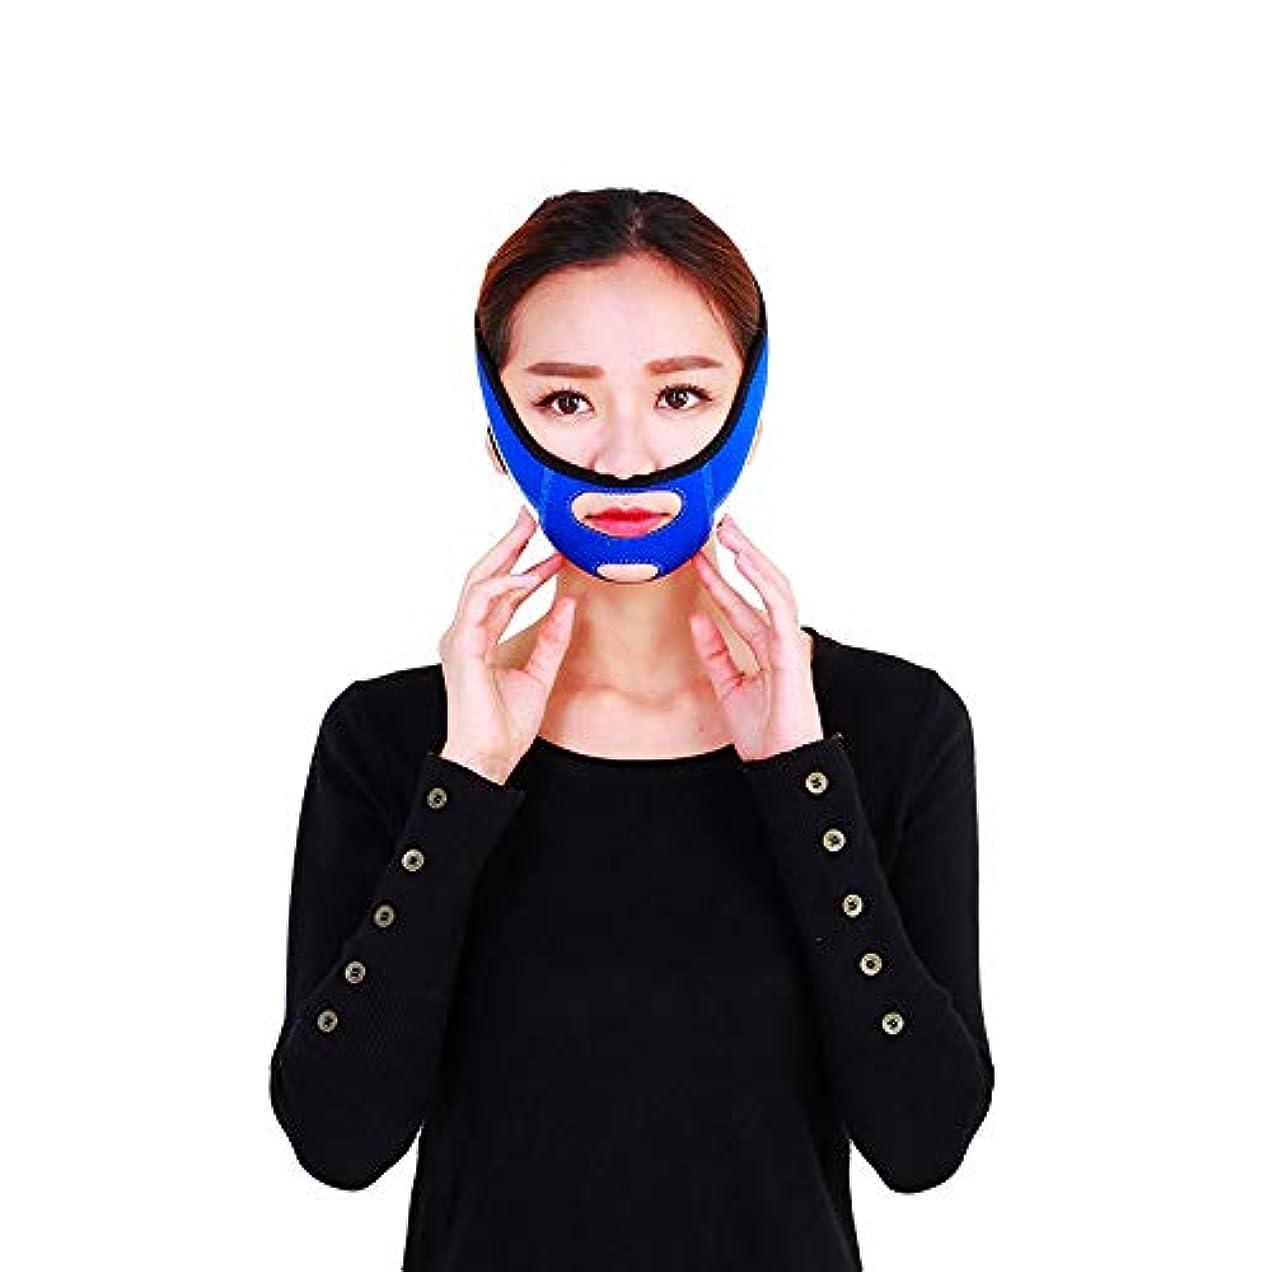 うめき運河ナースJia Jia- フェイシャルリフティング痩身ベルトフェーススリム二重あごを取り除くアンチエイジングリンクルフェイス包帯マスク整形マスクが顔を引き締める 顔面包帯